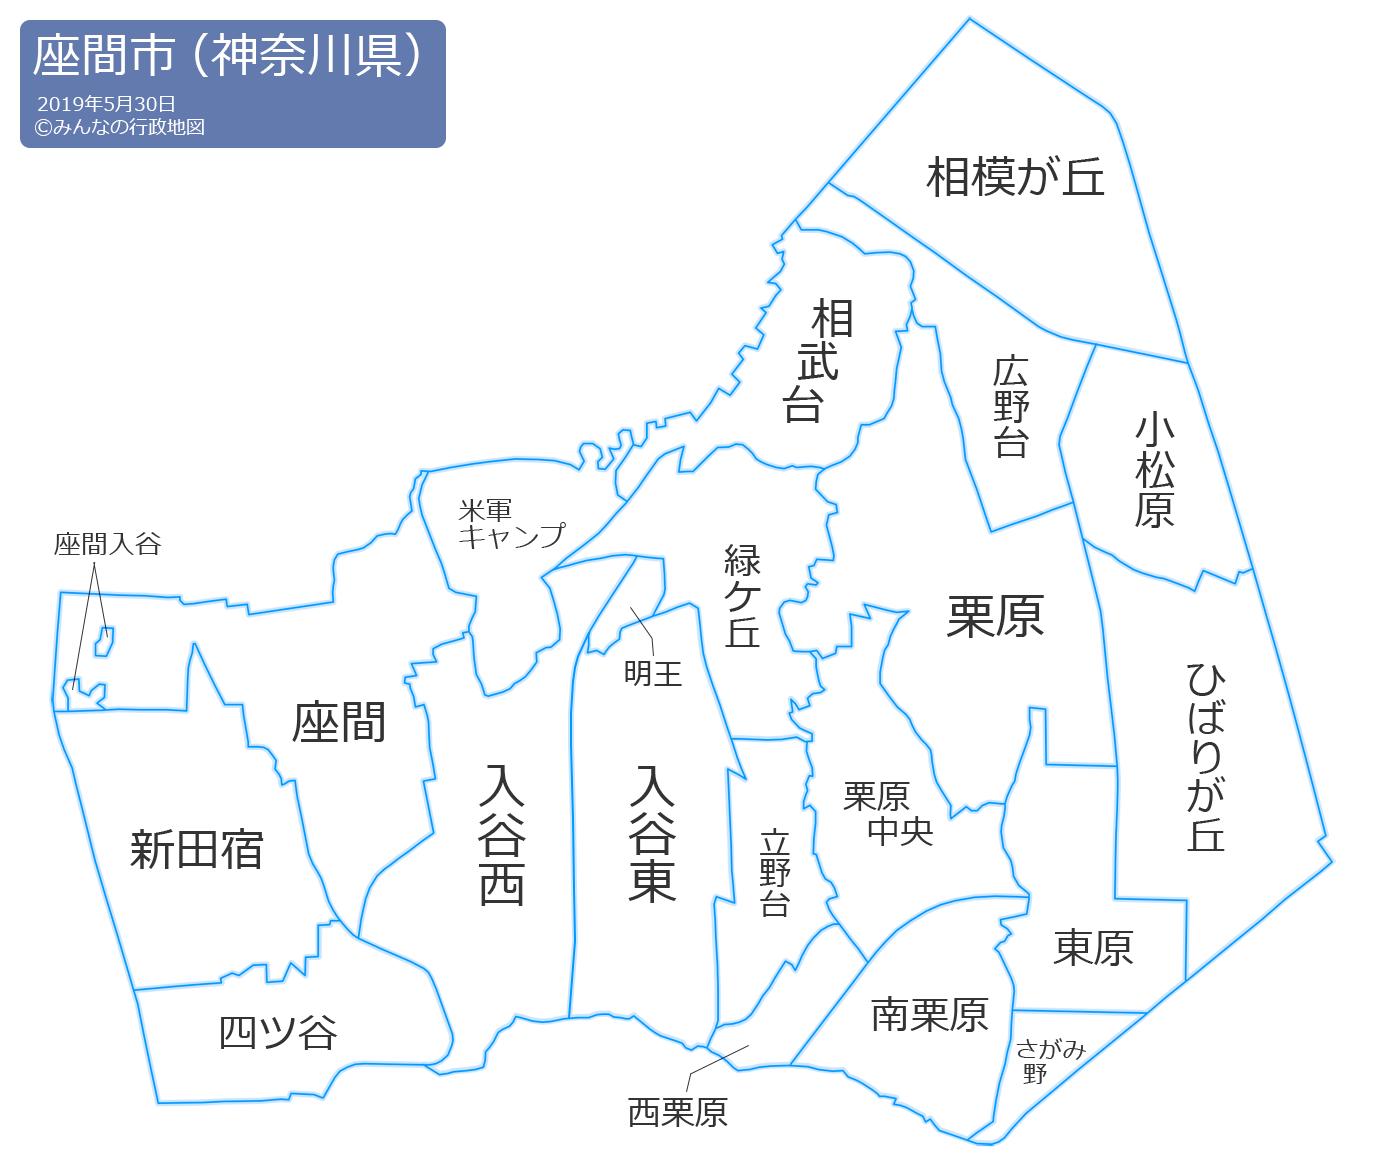 座間市(神奈川県) - みんなの...